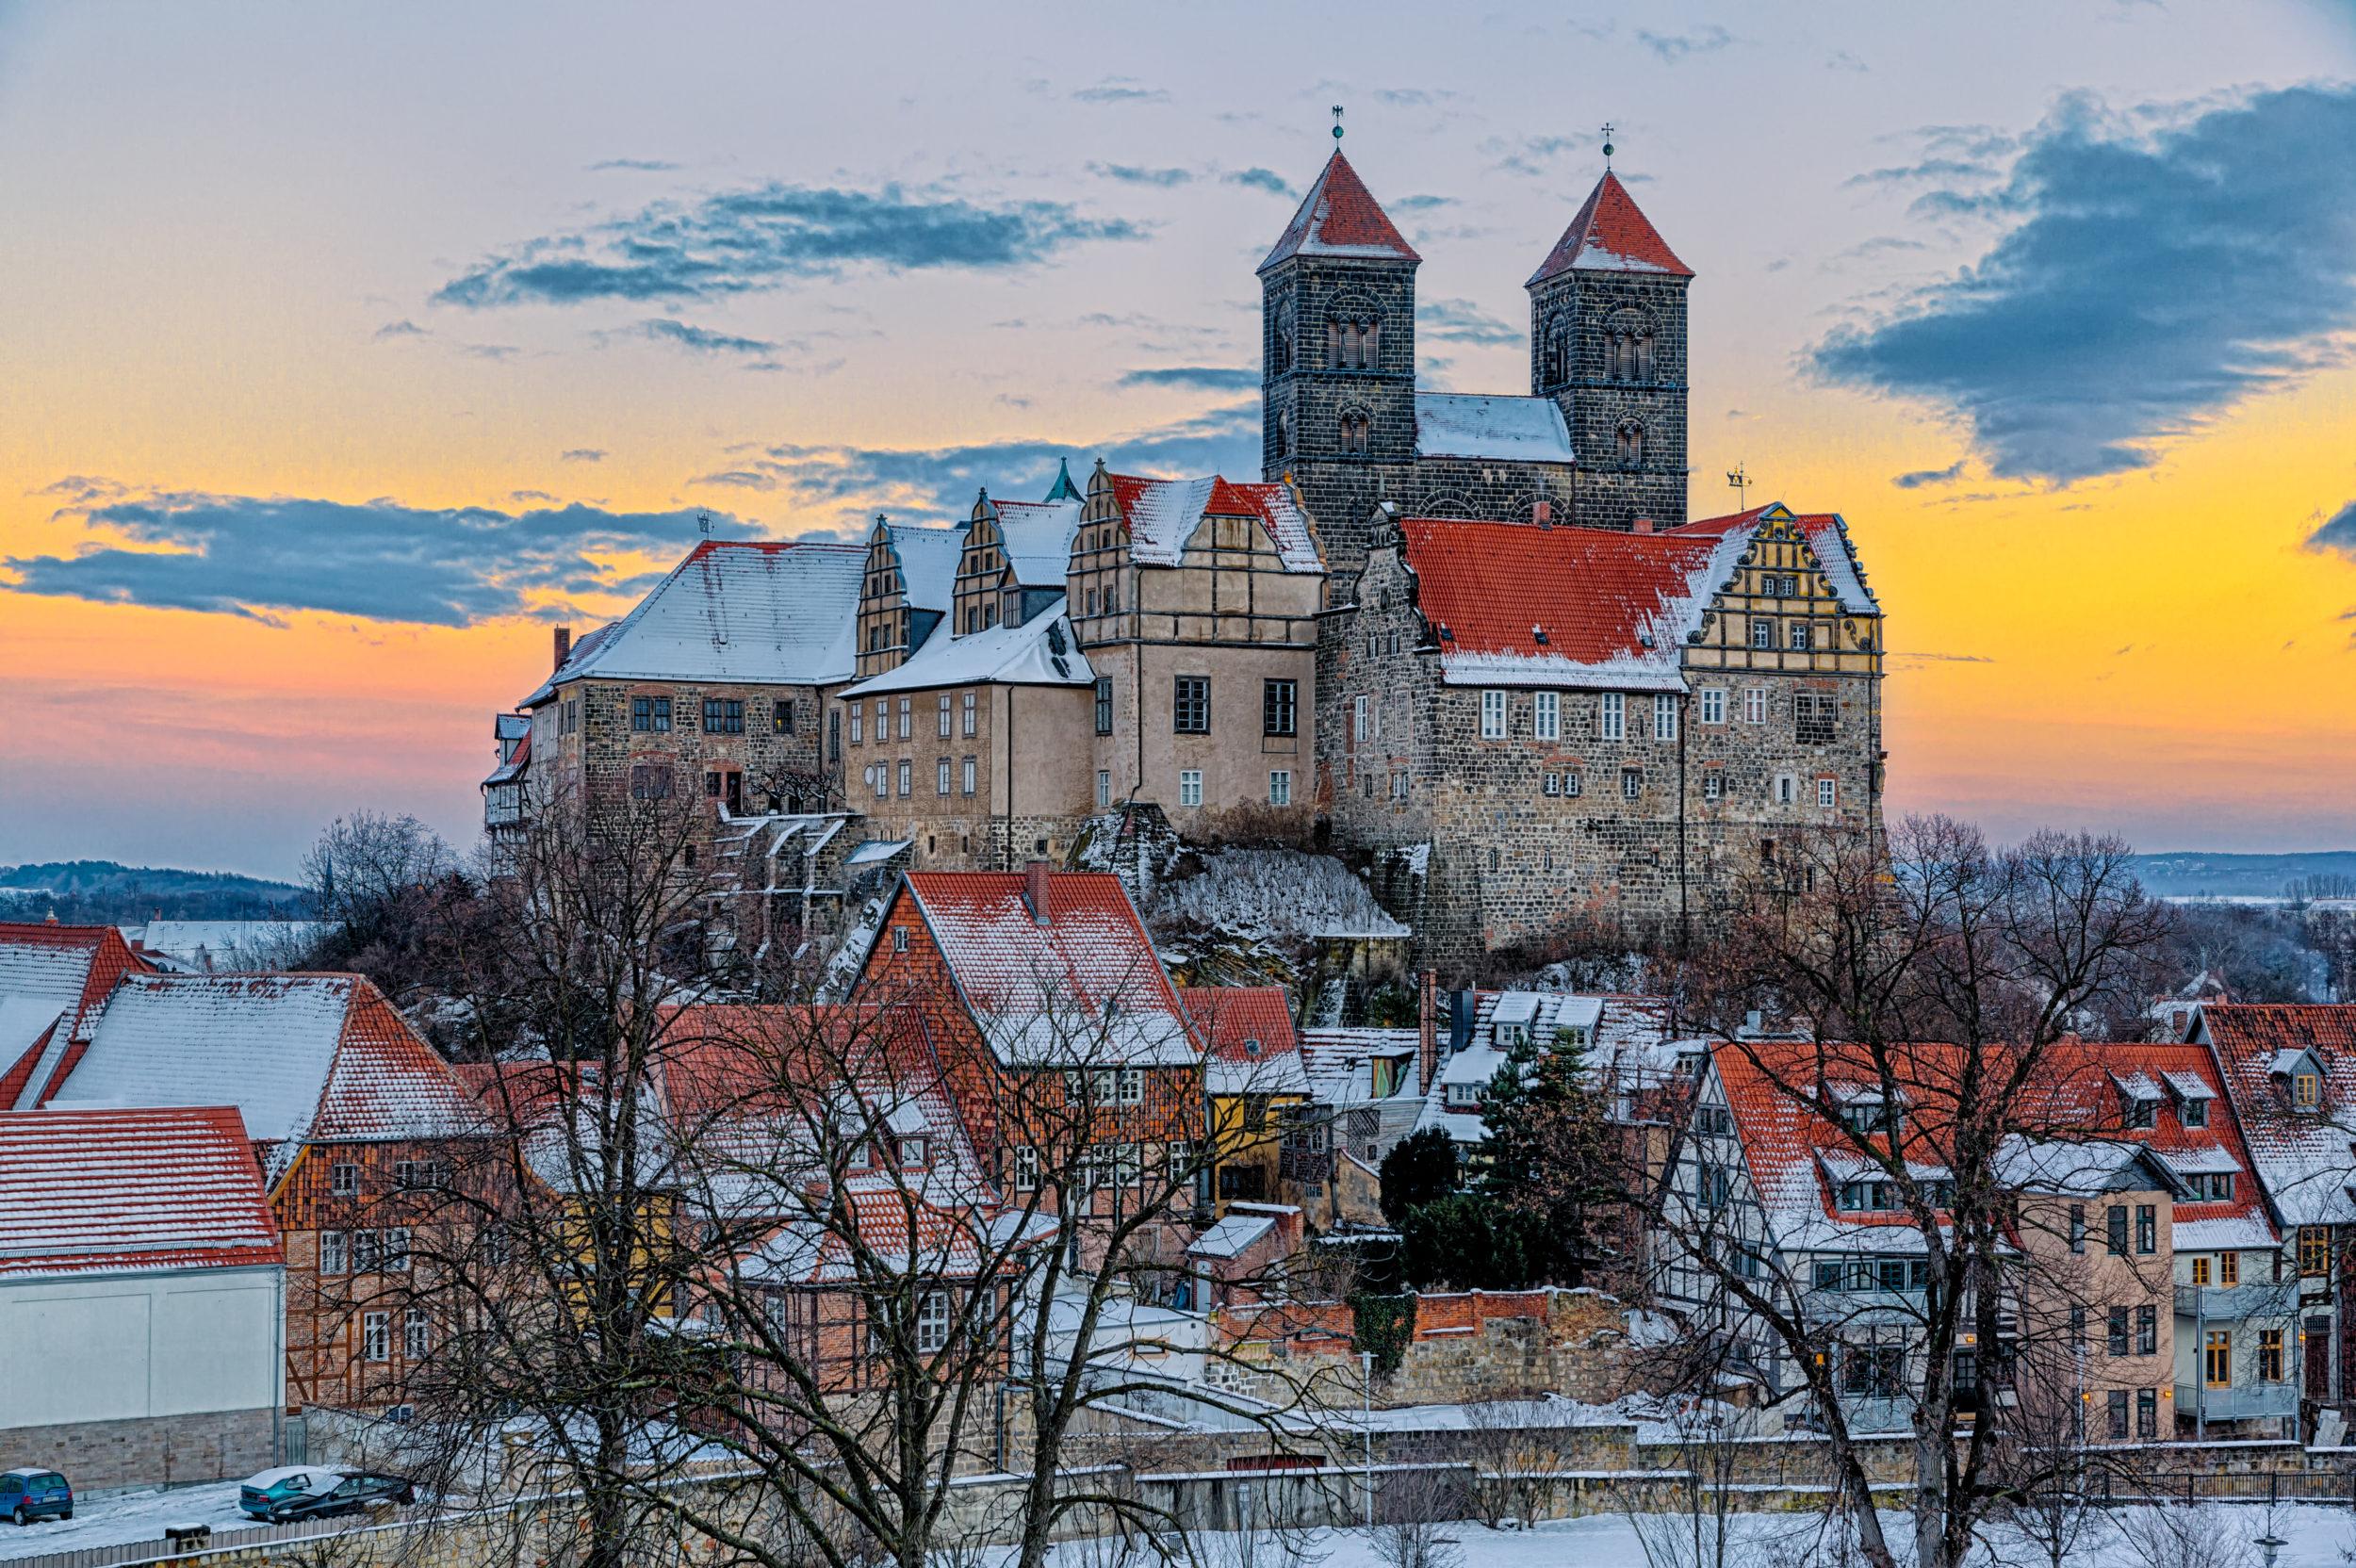 Das Quedlinburger Schloss und Stiftskirche im Winter beim